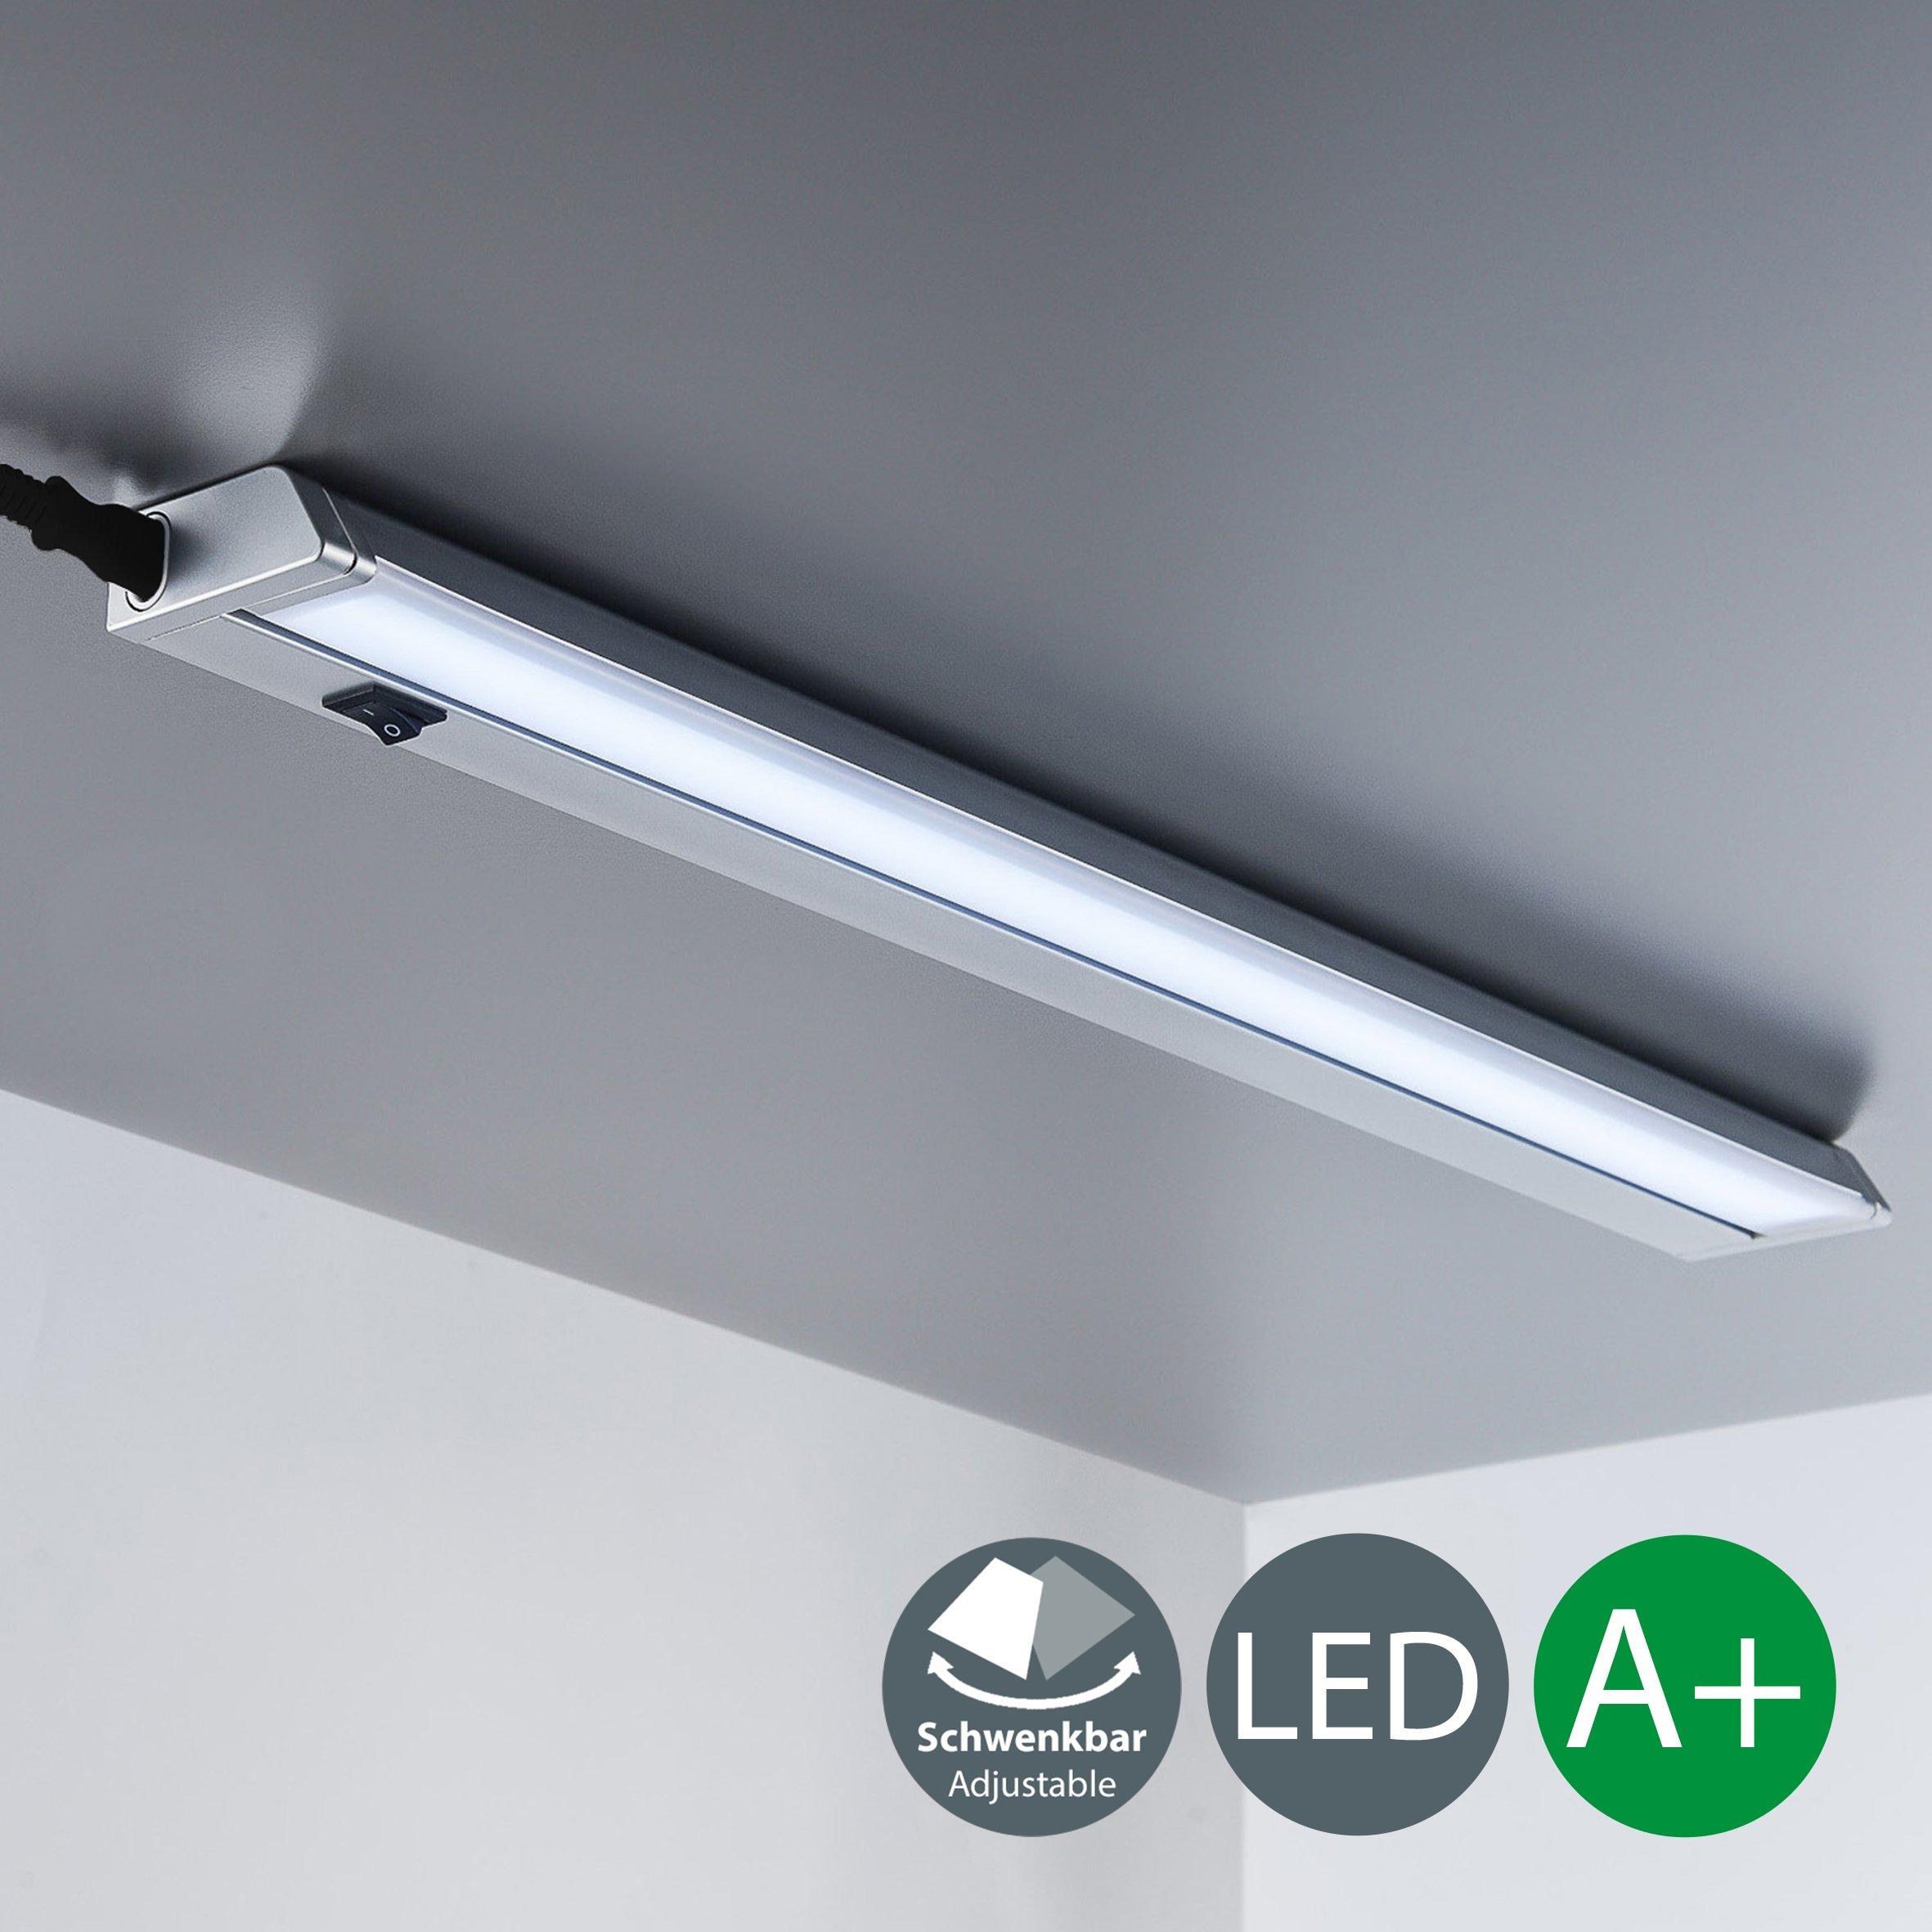 Tubo LED I Fluorescente con interruptor de la luz I Gris I Iluminación I 550 mm: Amazon.es: Iluminación